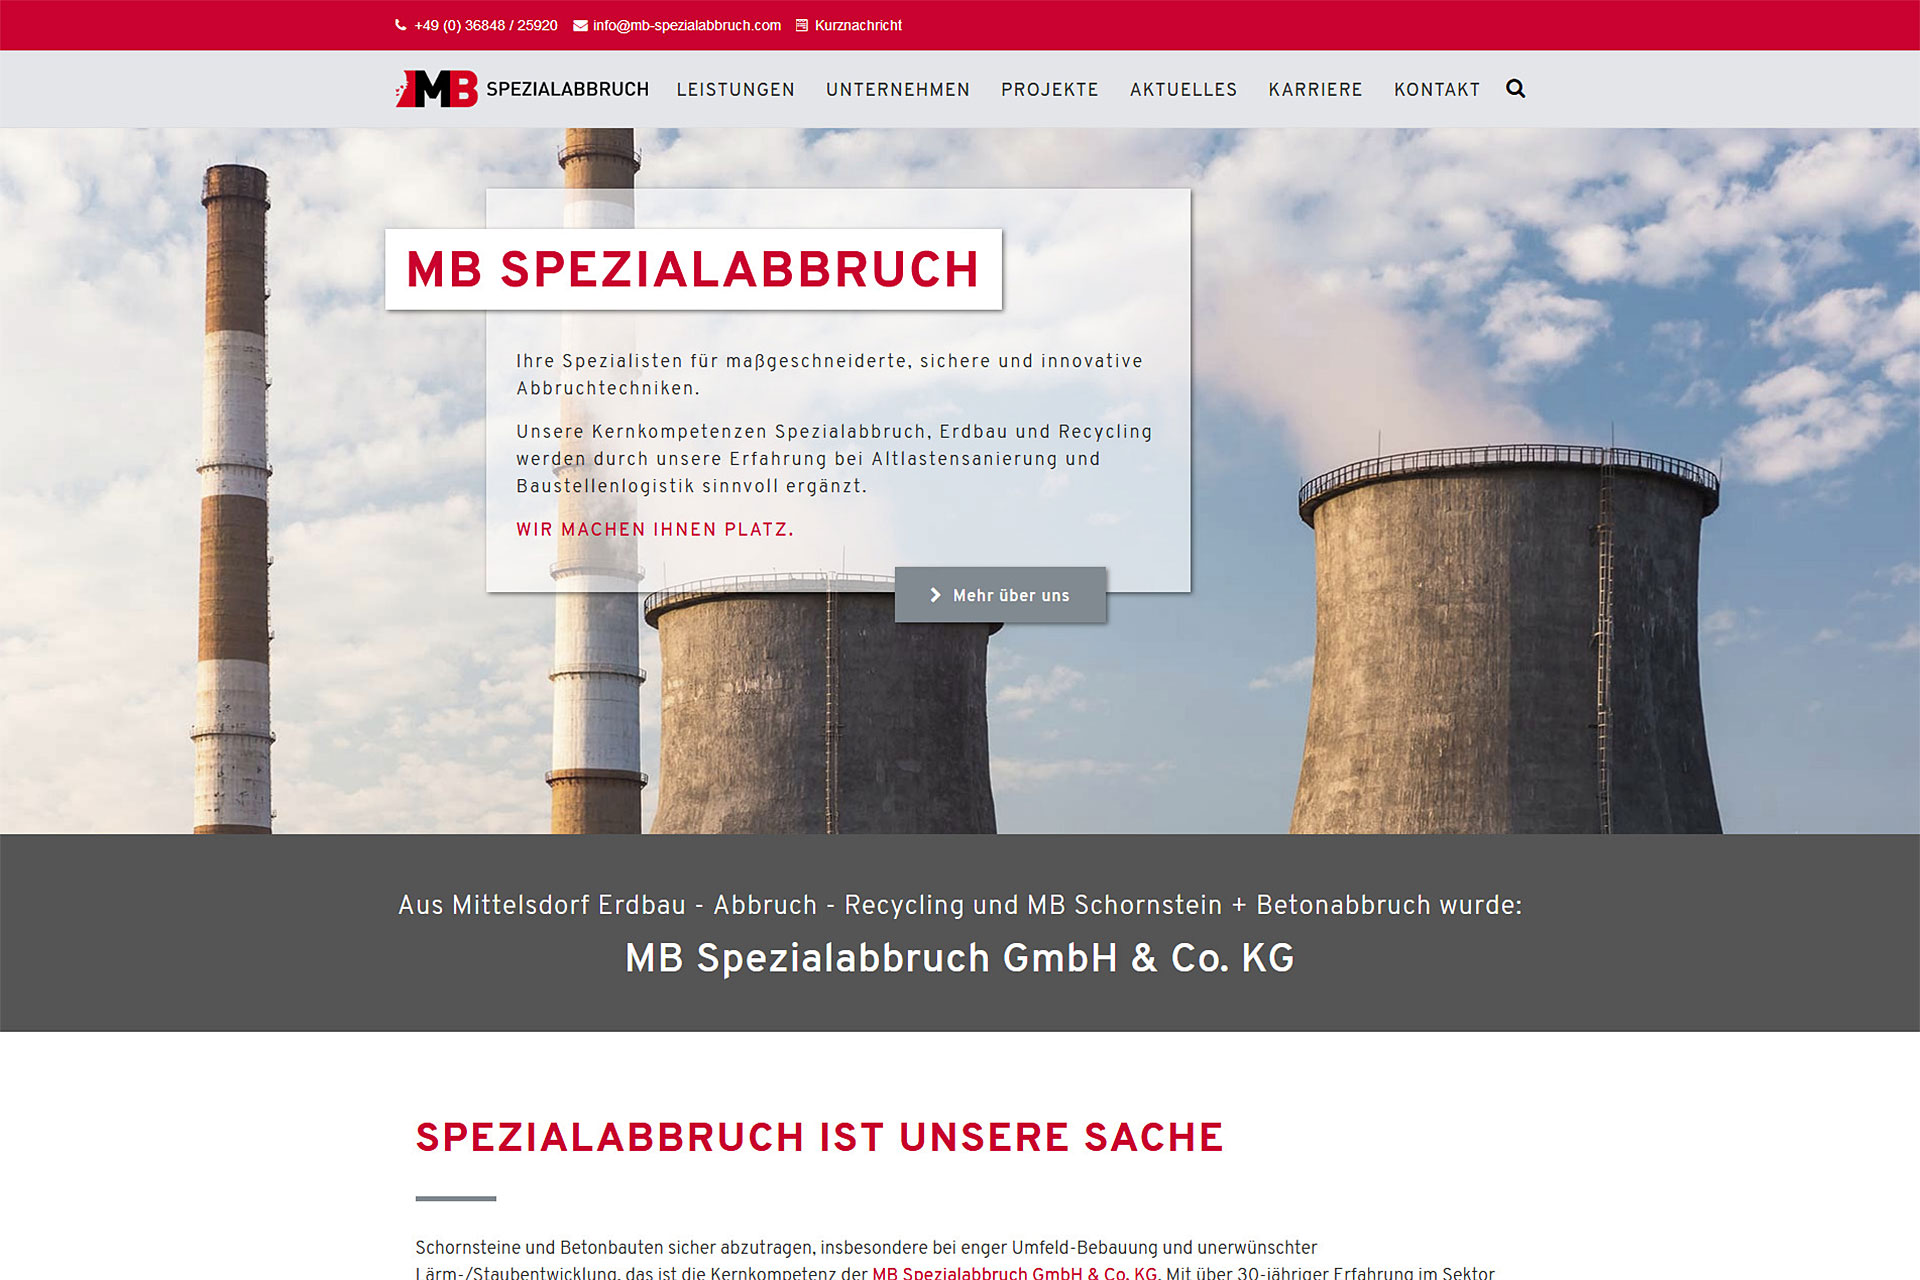 MB Spezialabbruch - Aktuelles: Die neue Website von MB Spezialabbruch